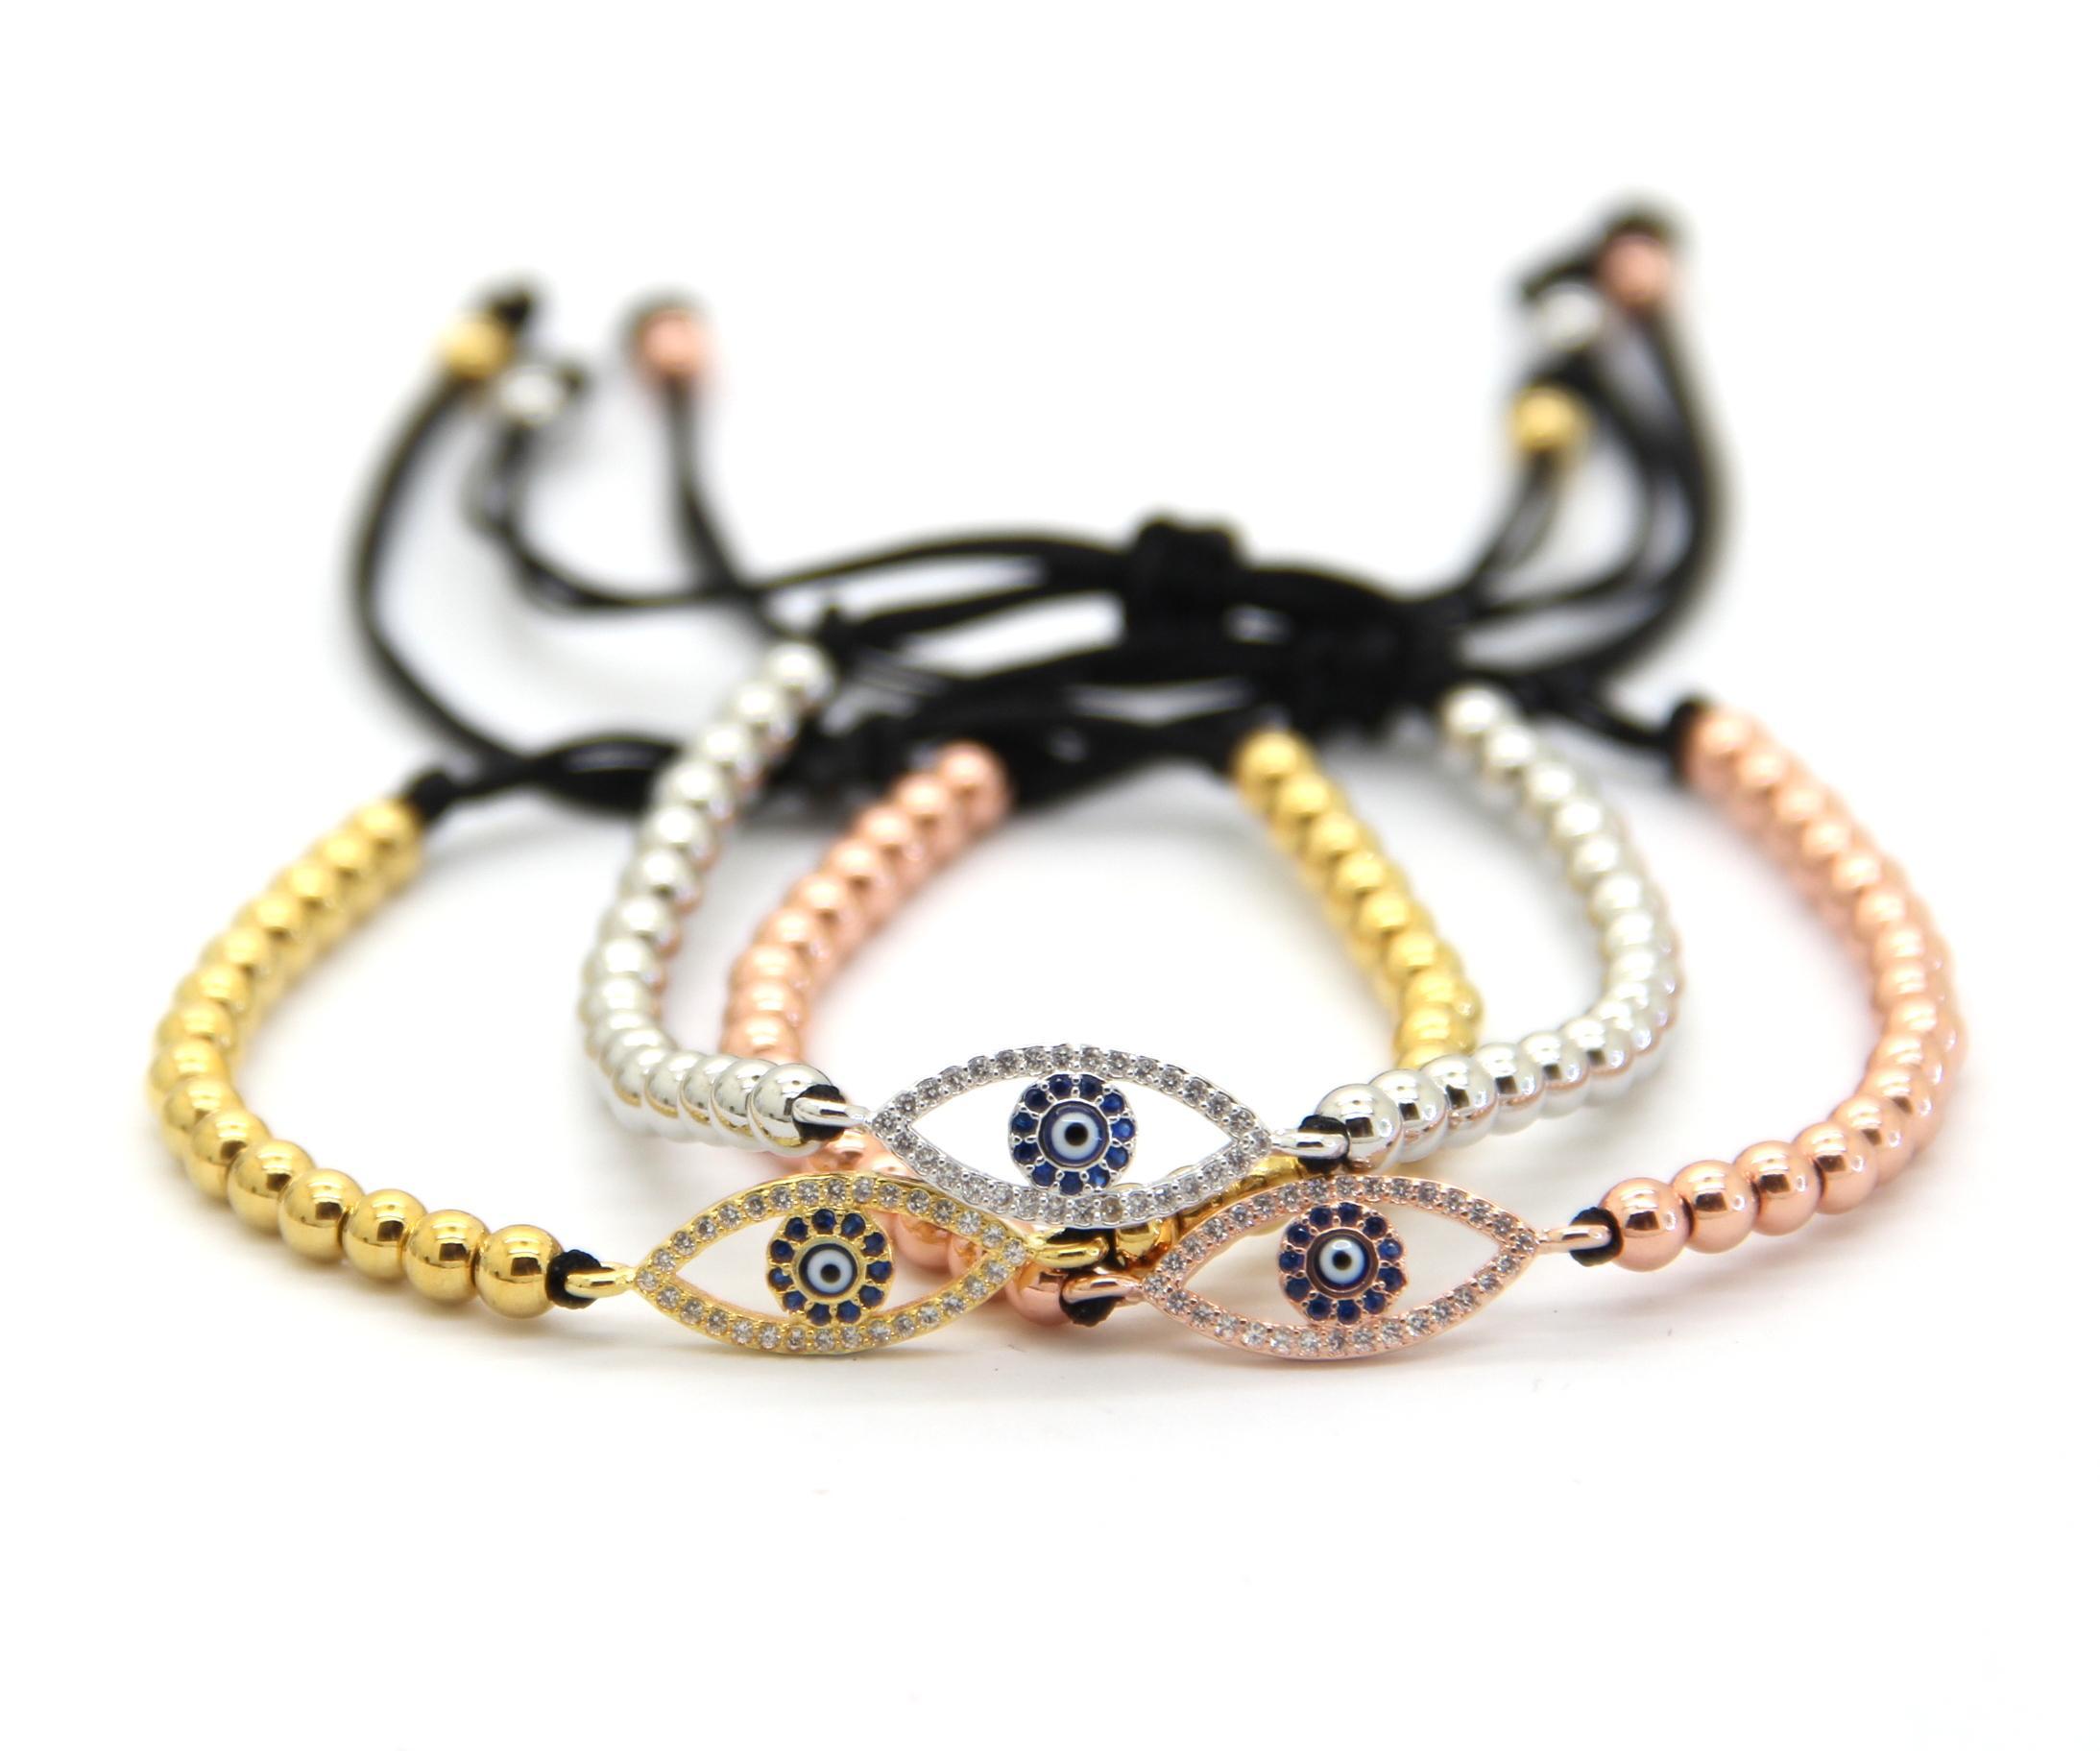 Bijoux À La Mode En Gros Fabriqué Par 4mm Ronde Bronze Perles De Mode Micro Pave CZ Oeil Tressage Macramé Bracelets